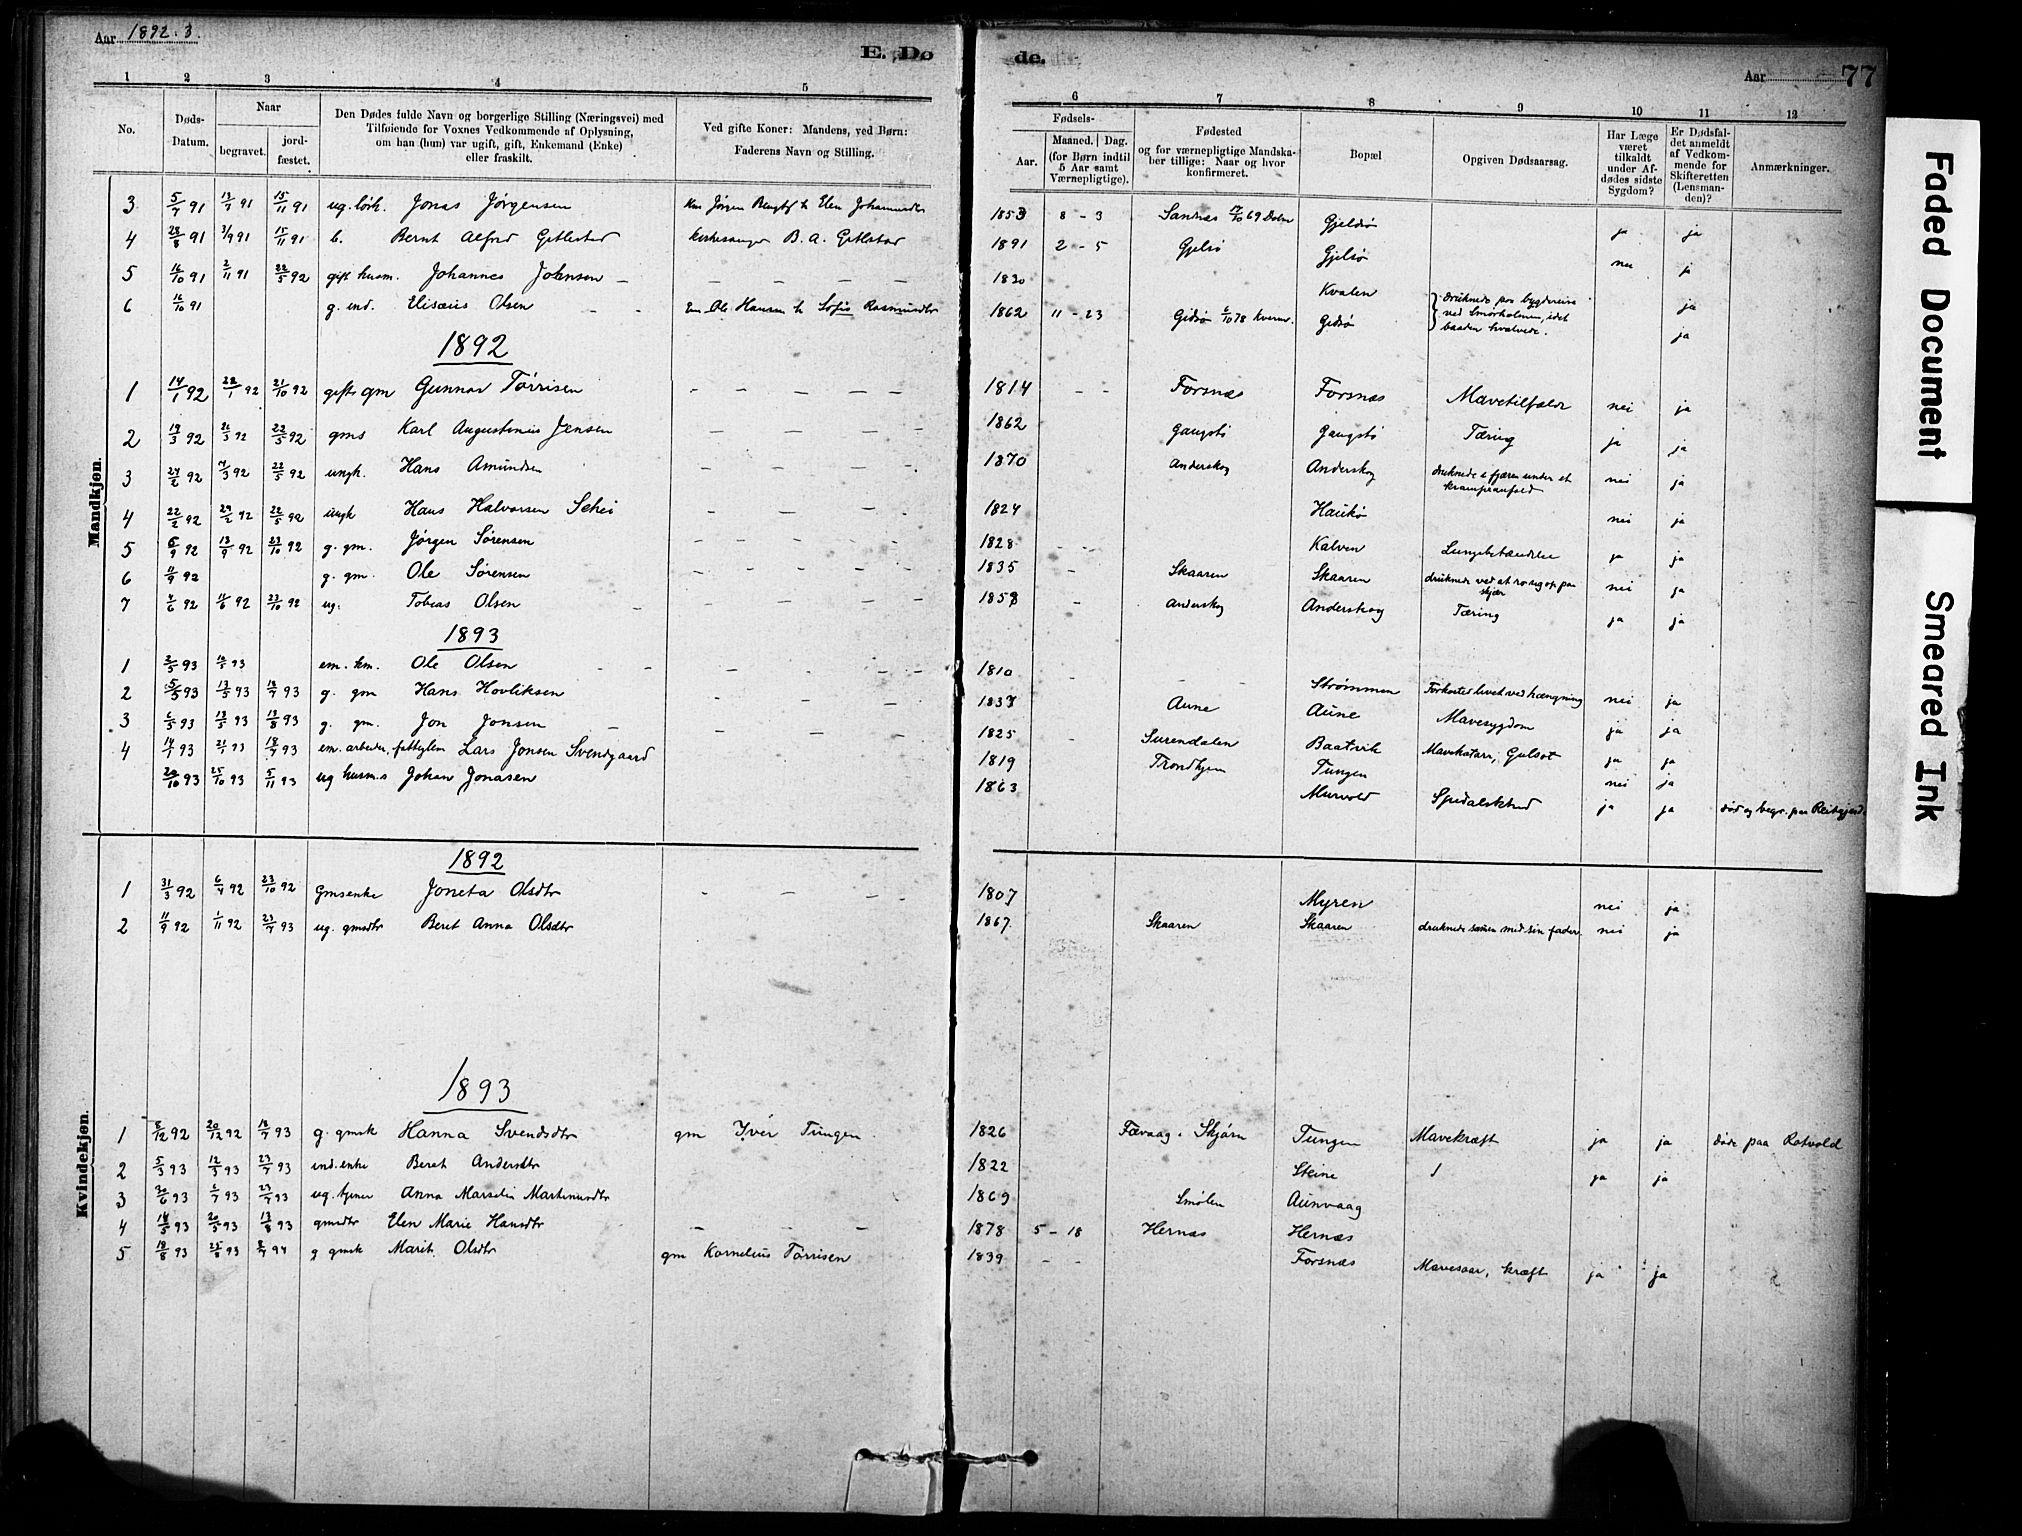 SAT, Ministerialprotokoller, klokkerbøker og fødselsregistre - Sør-Trøndelag, 635/L0551: Ministerialbok nr. 635A01, 1882-1899, s. 77